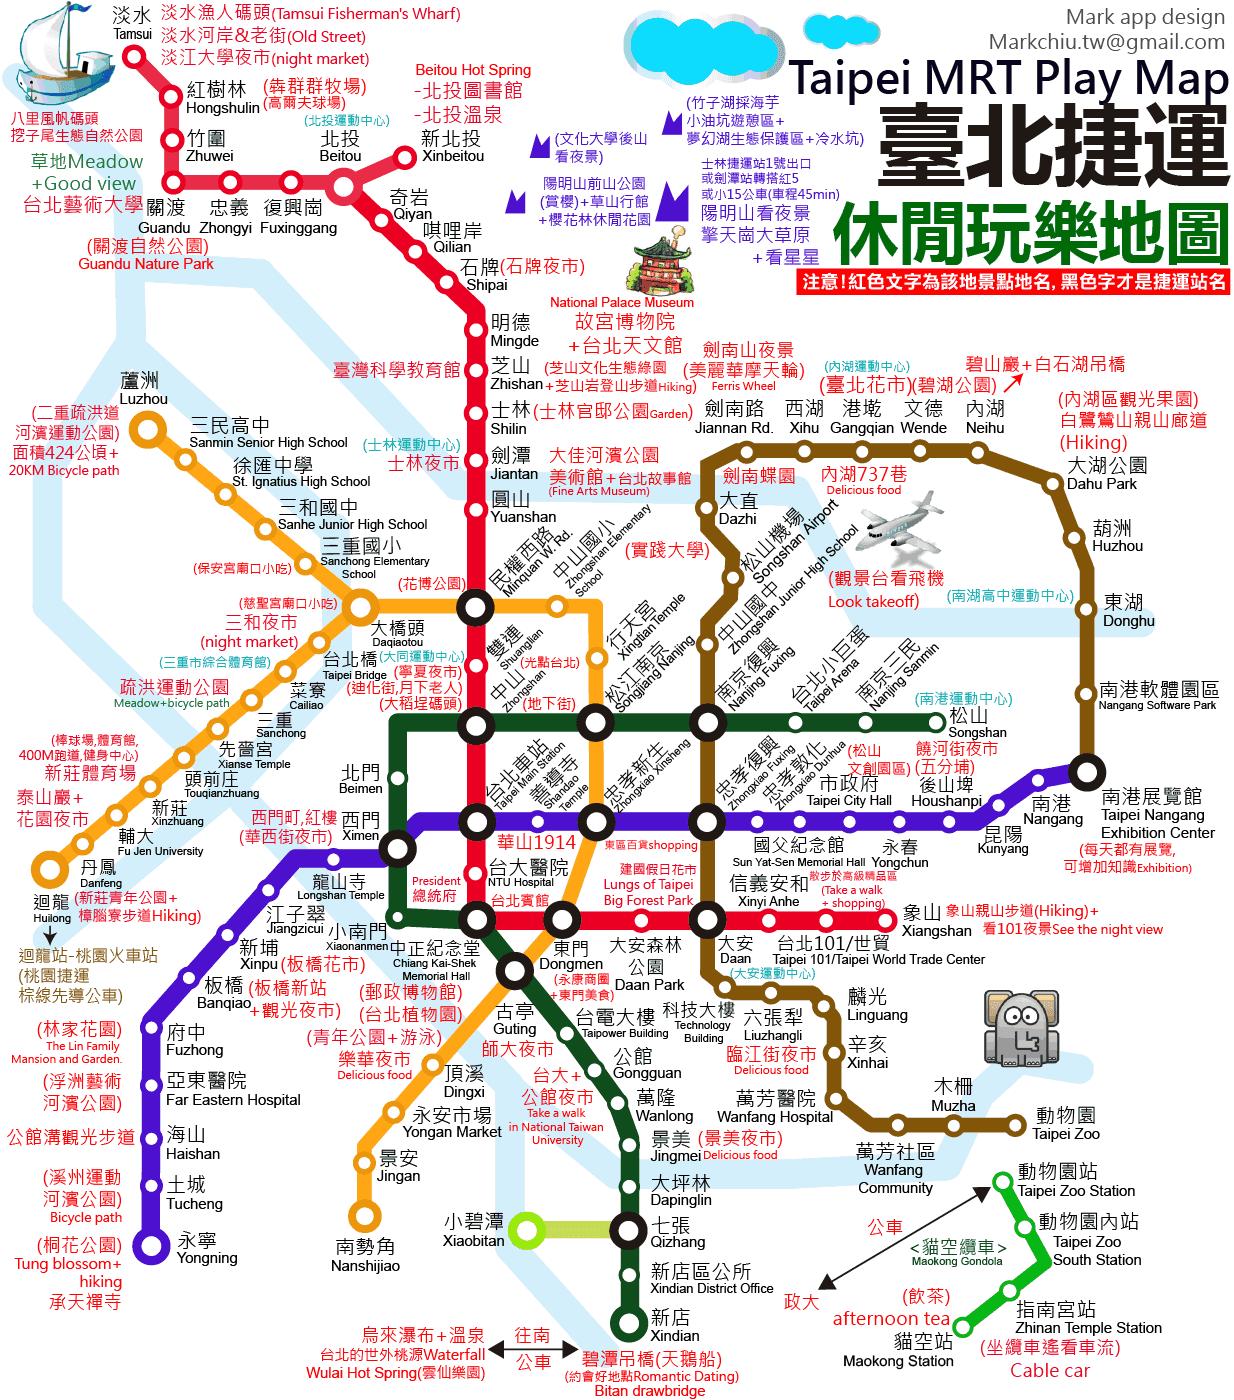 臺北捷運玩樂|- 臺北捷運玩樂| - 快熱資訊 - 走進時代